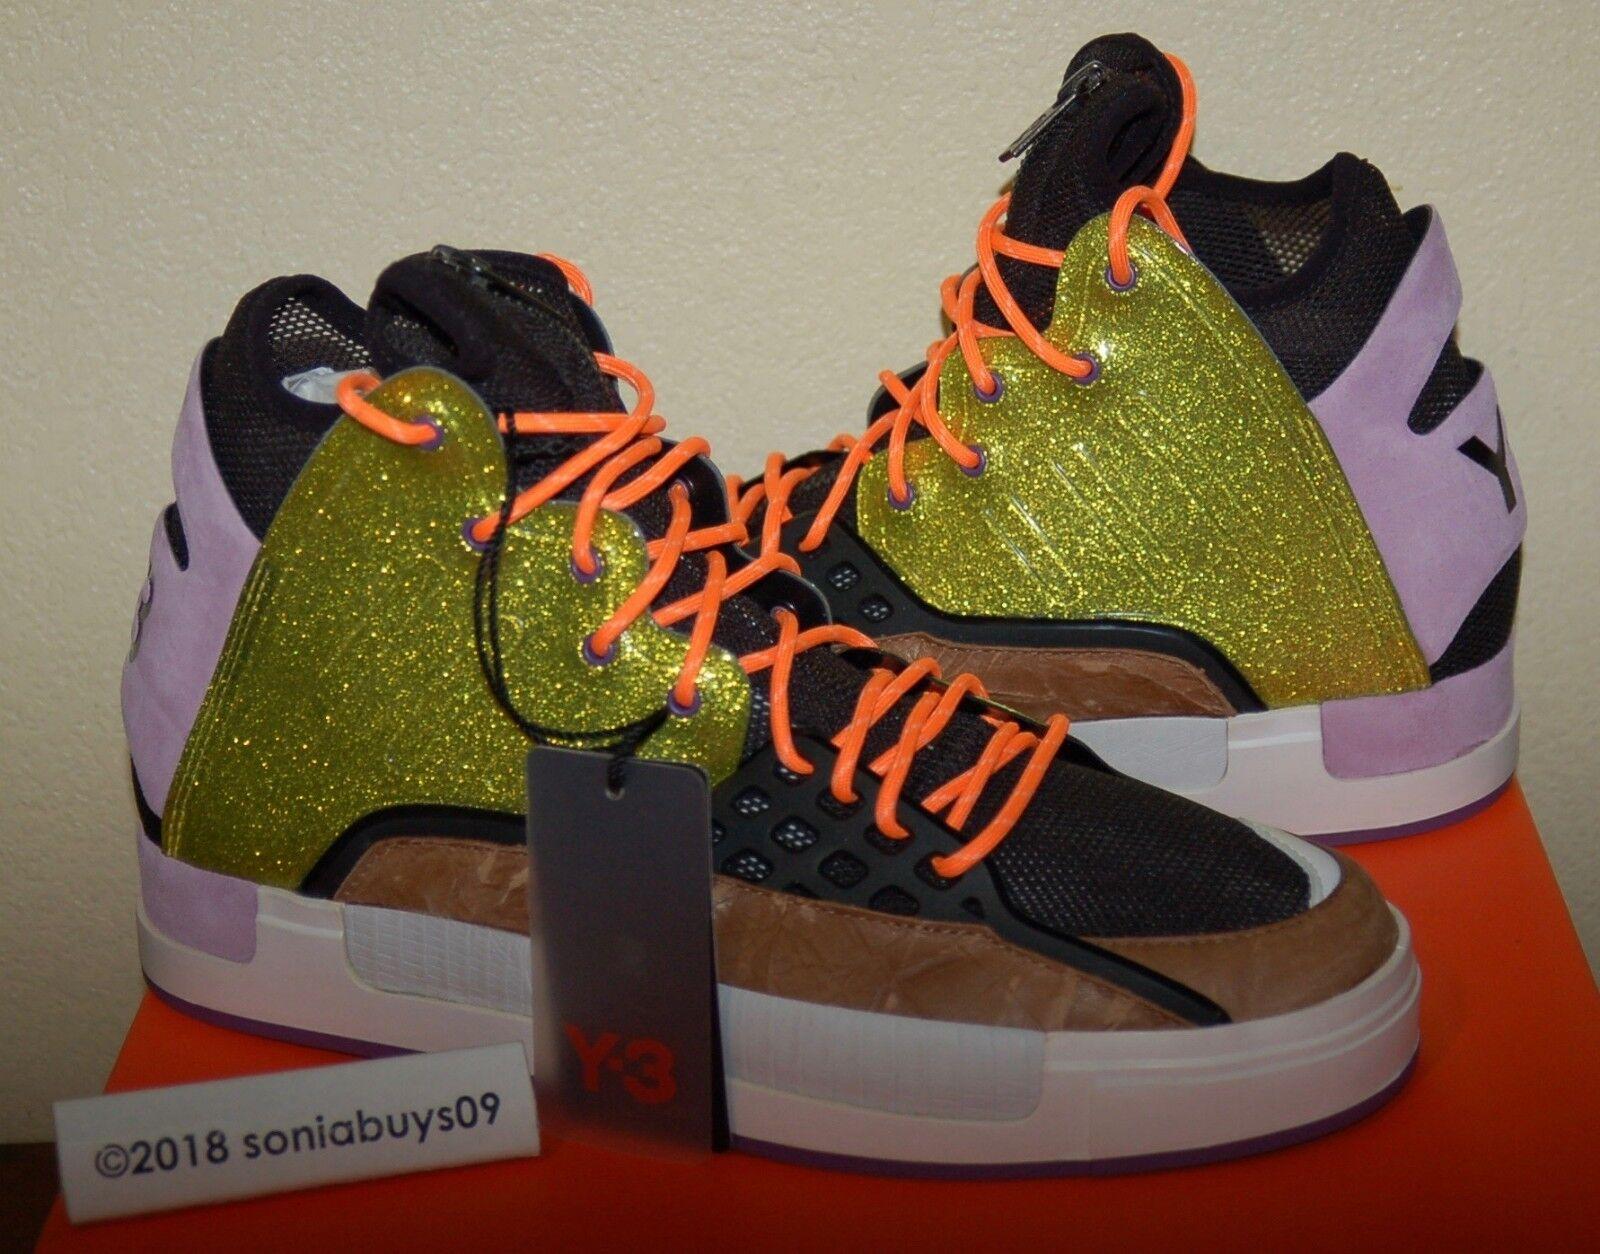 Adidas donne oe riyal moda ginnastica, le scarpe da ginnastica, moda m22439, multi - colore, dimensione 8,5 22f1c3